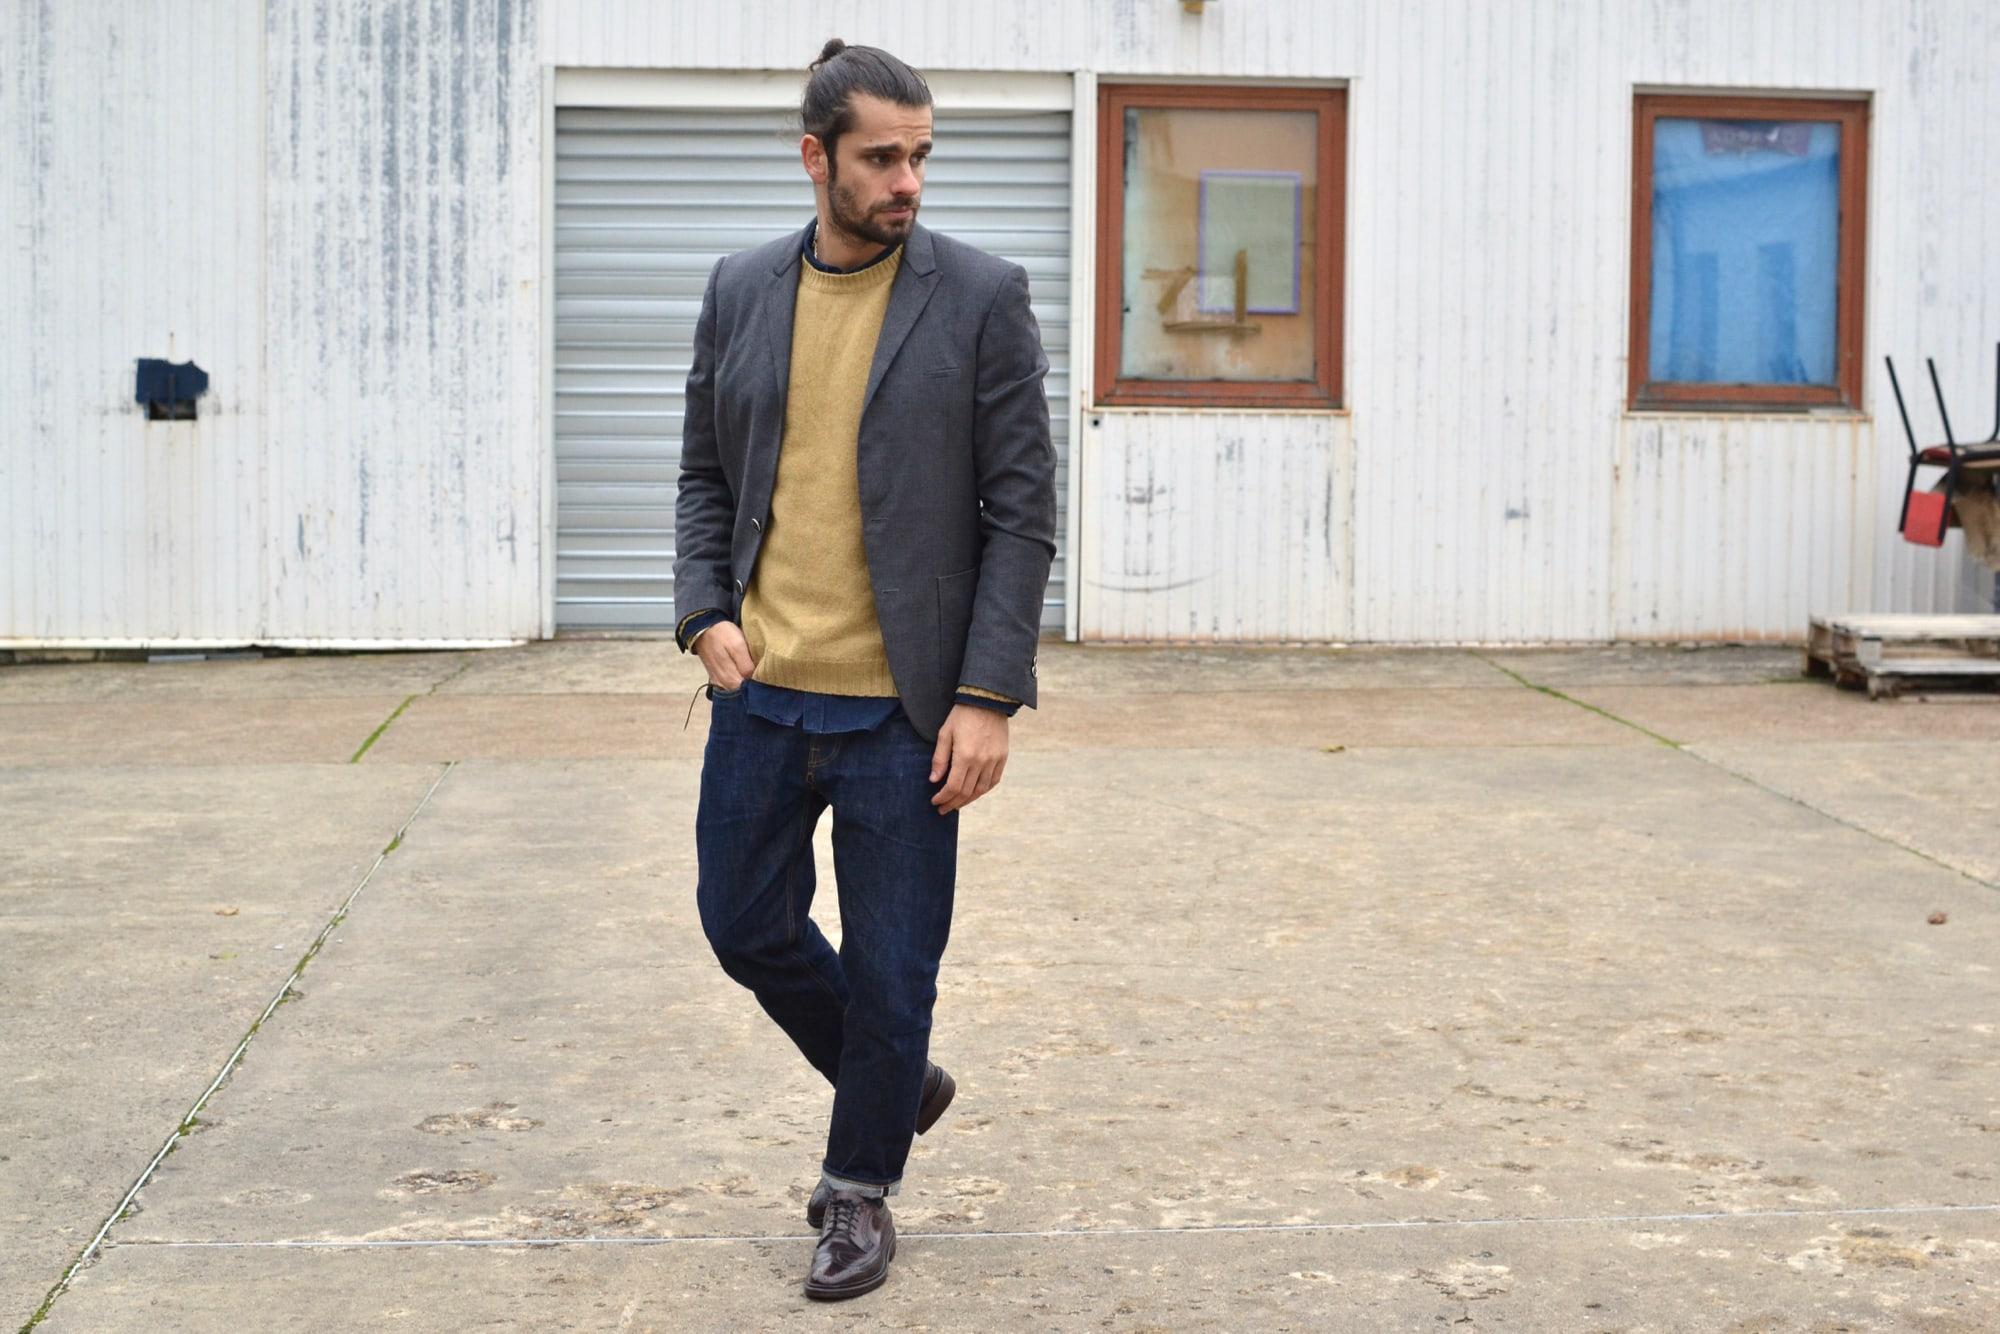 tenue et style casual chic avec un touche d'inspiration heritage et street - idée de style homme masculin avec plus de volume et de confort